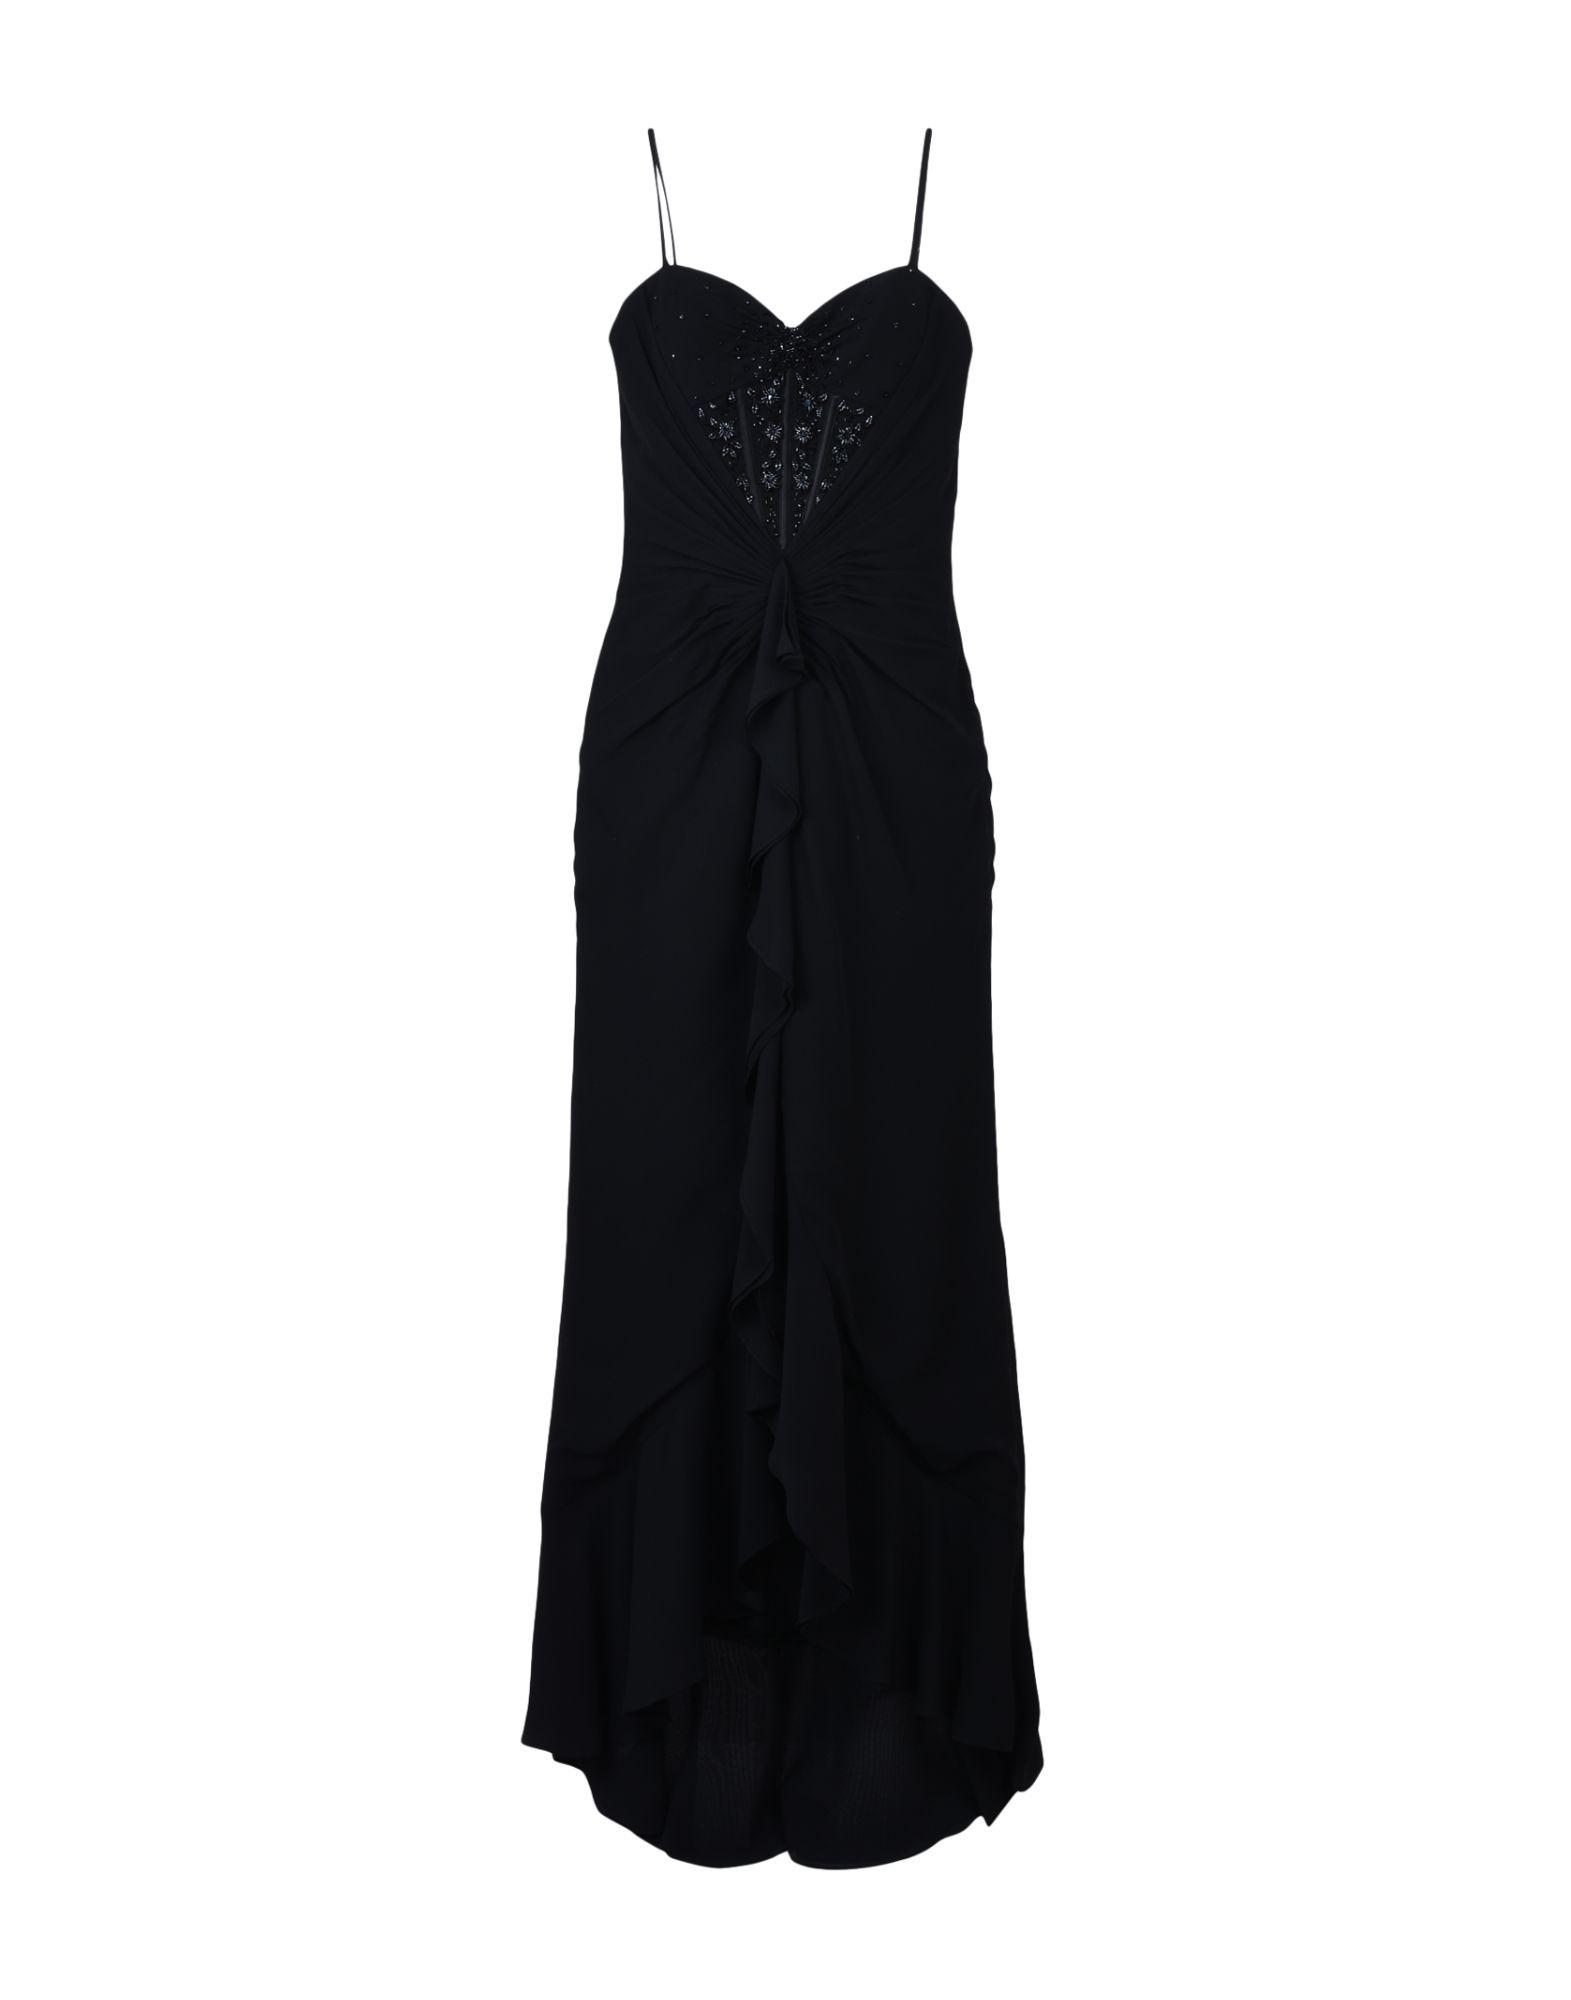 BELLA FORMALS by VENUS Платье длиной 3/4 свадебное платье venus wedding dress 2015